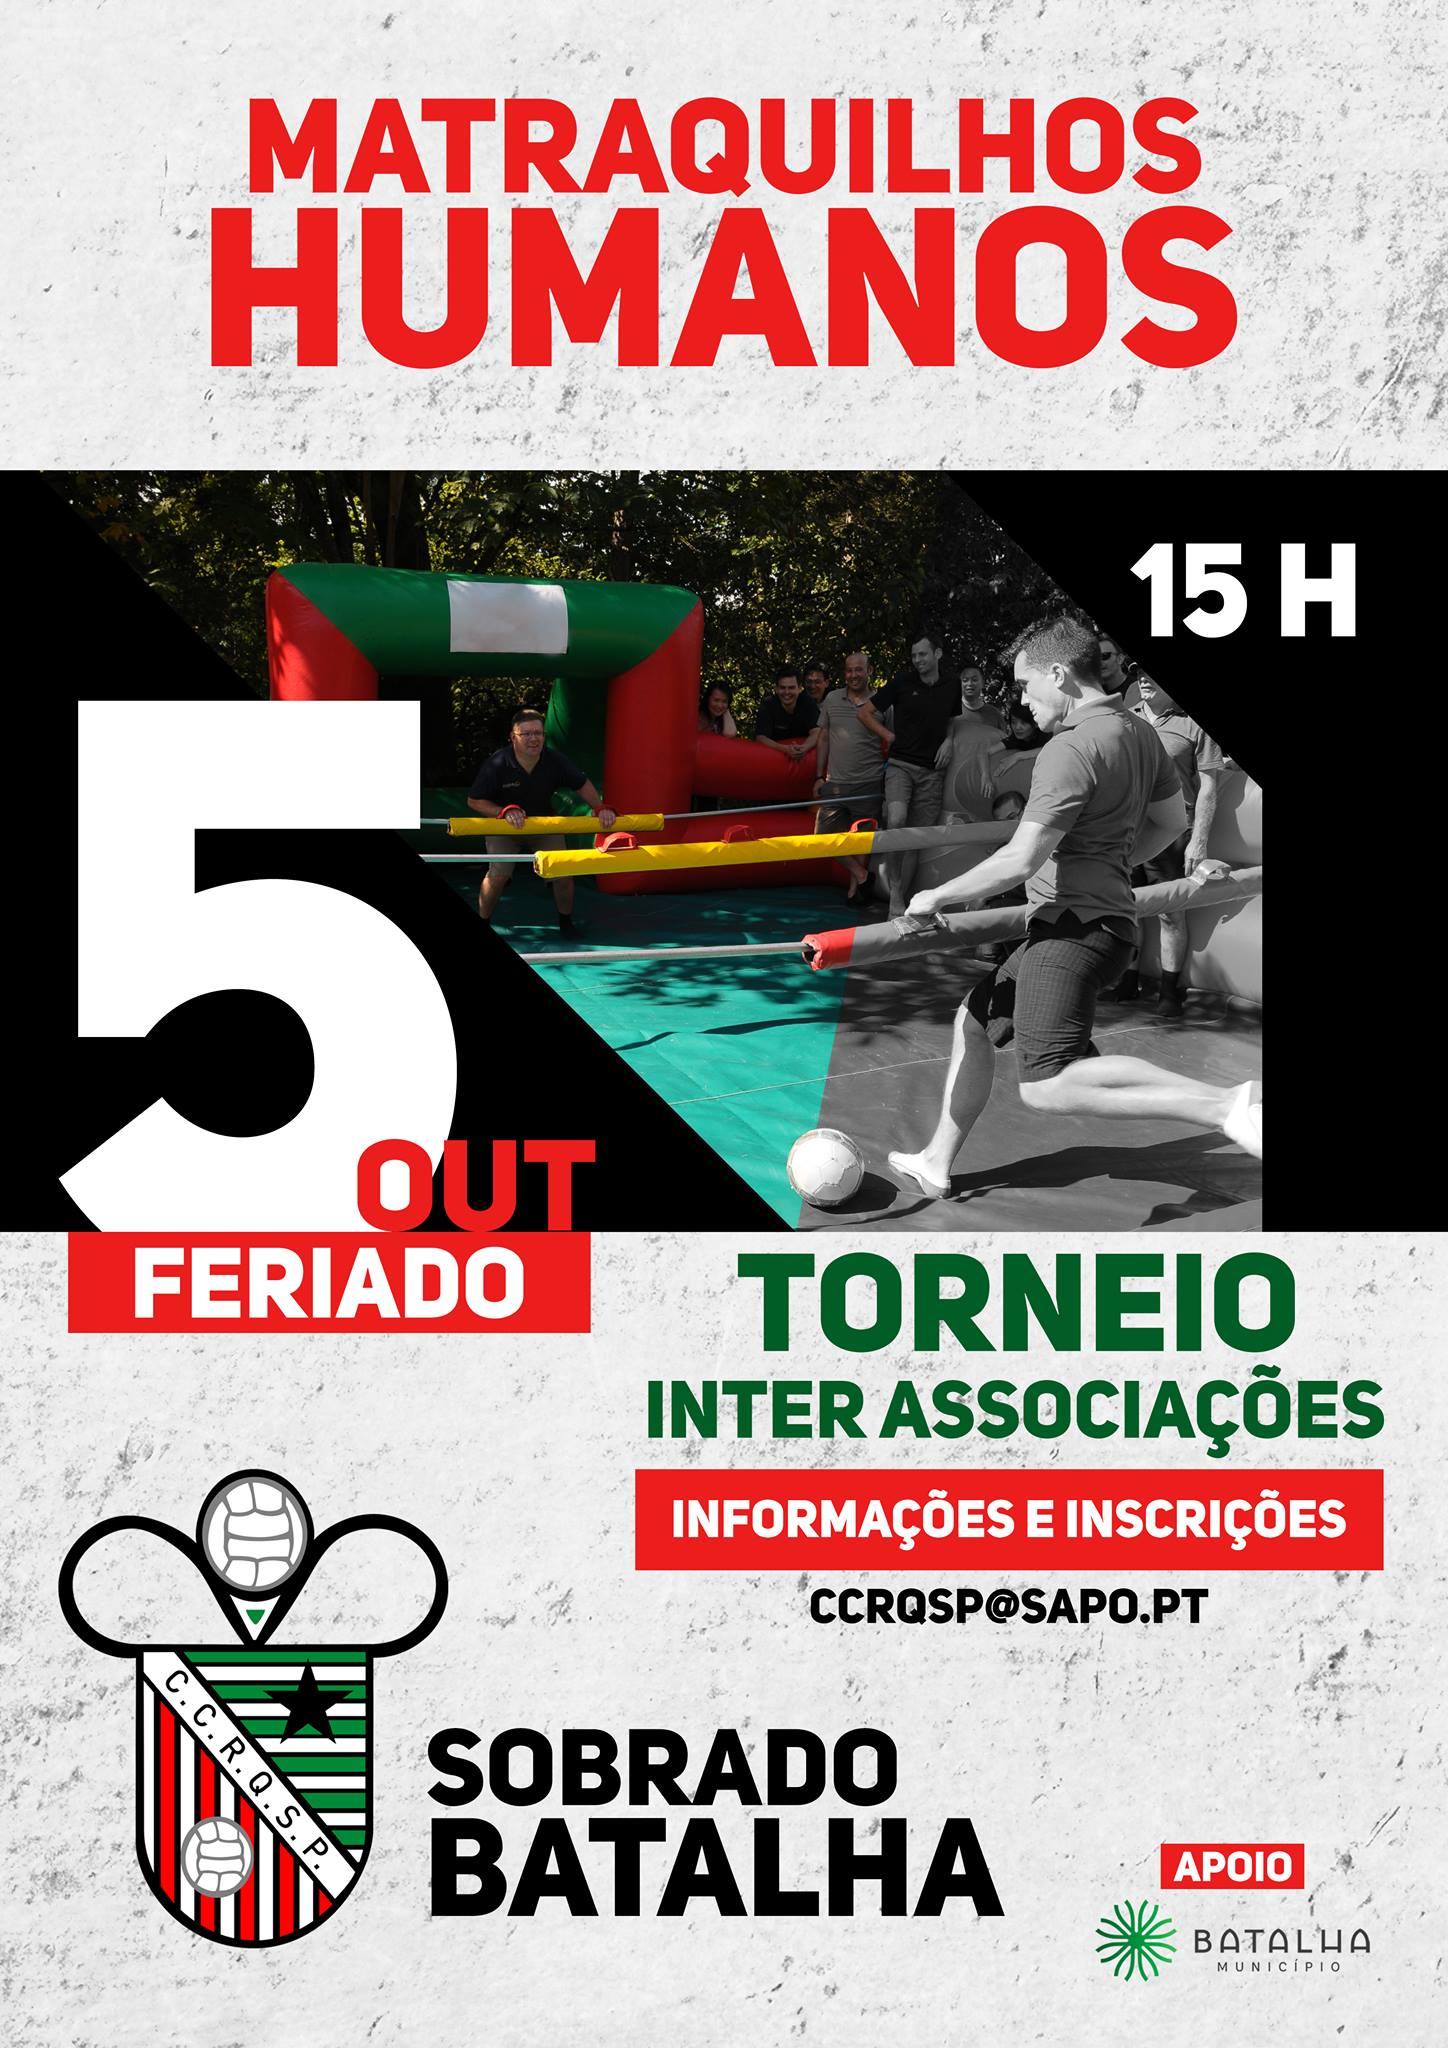 TORNEIO INTER-ASSOCIAÇÕES DE MATRAQUILHOS HUMANOS